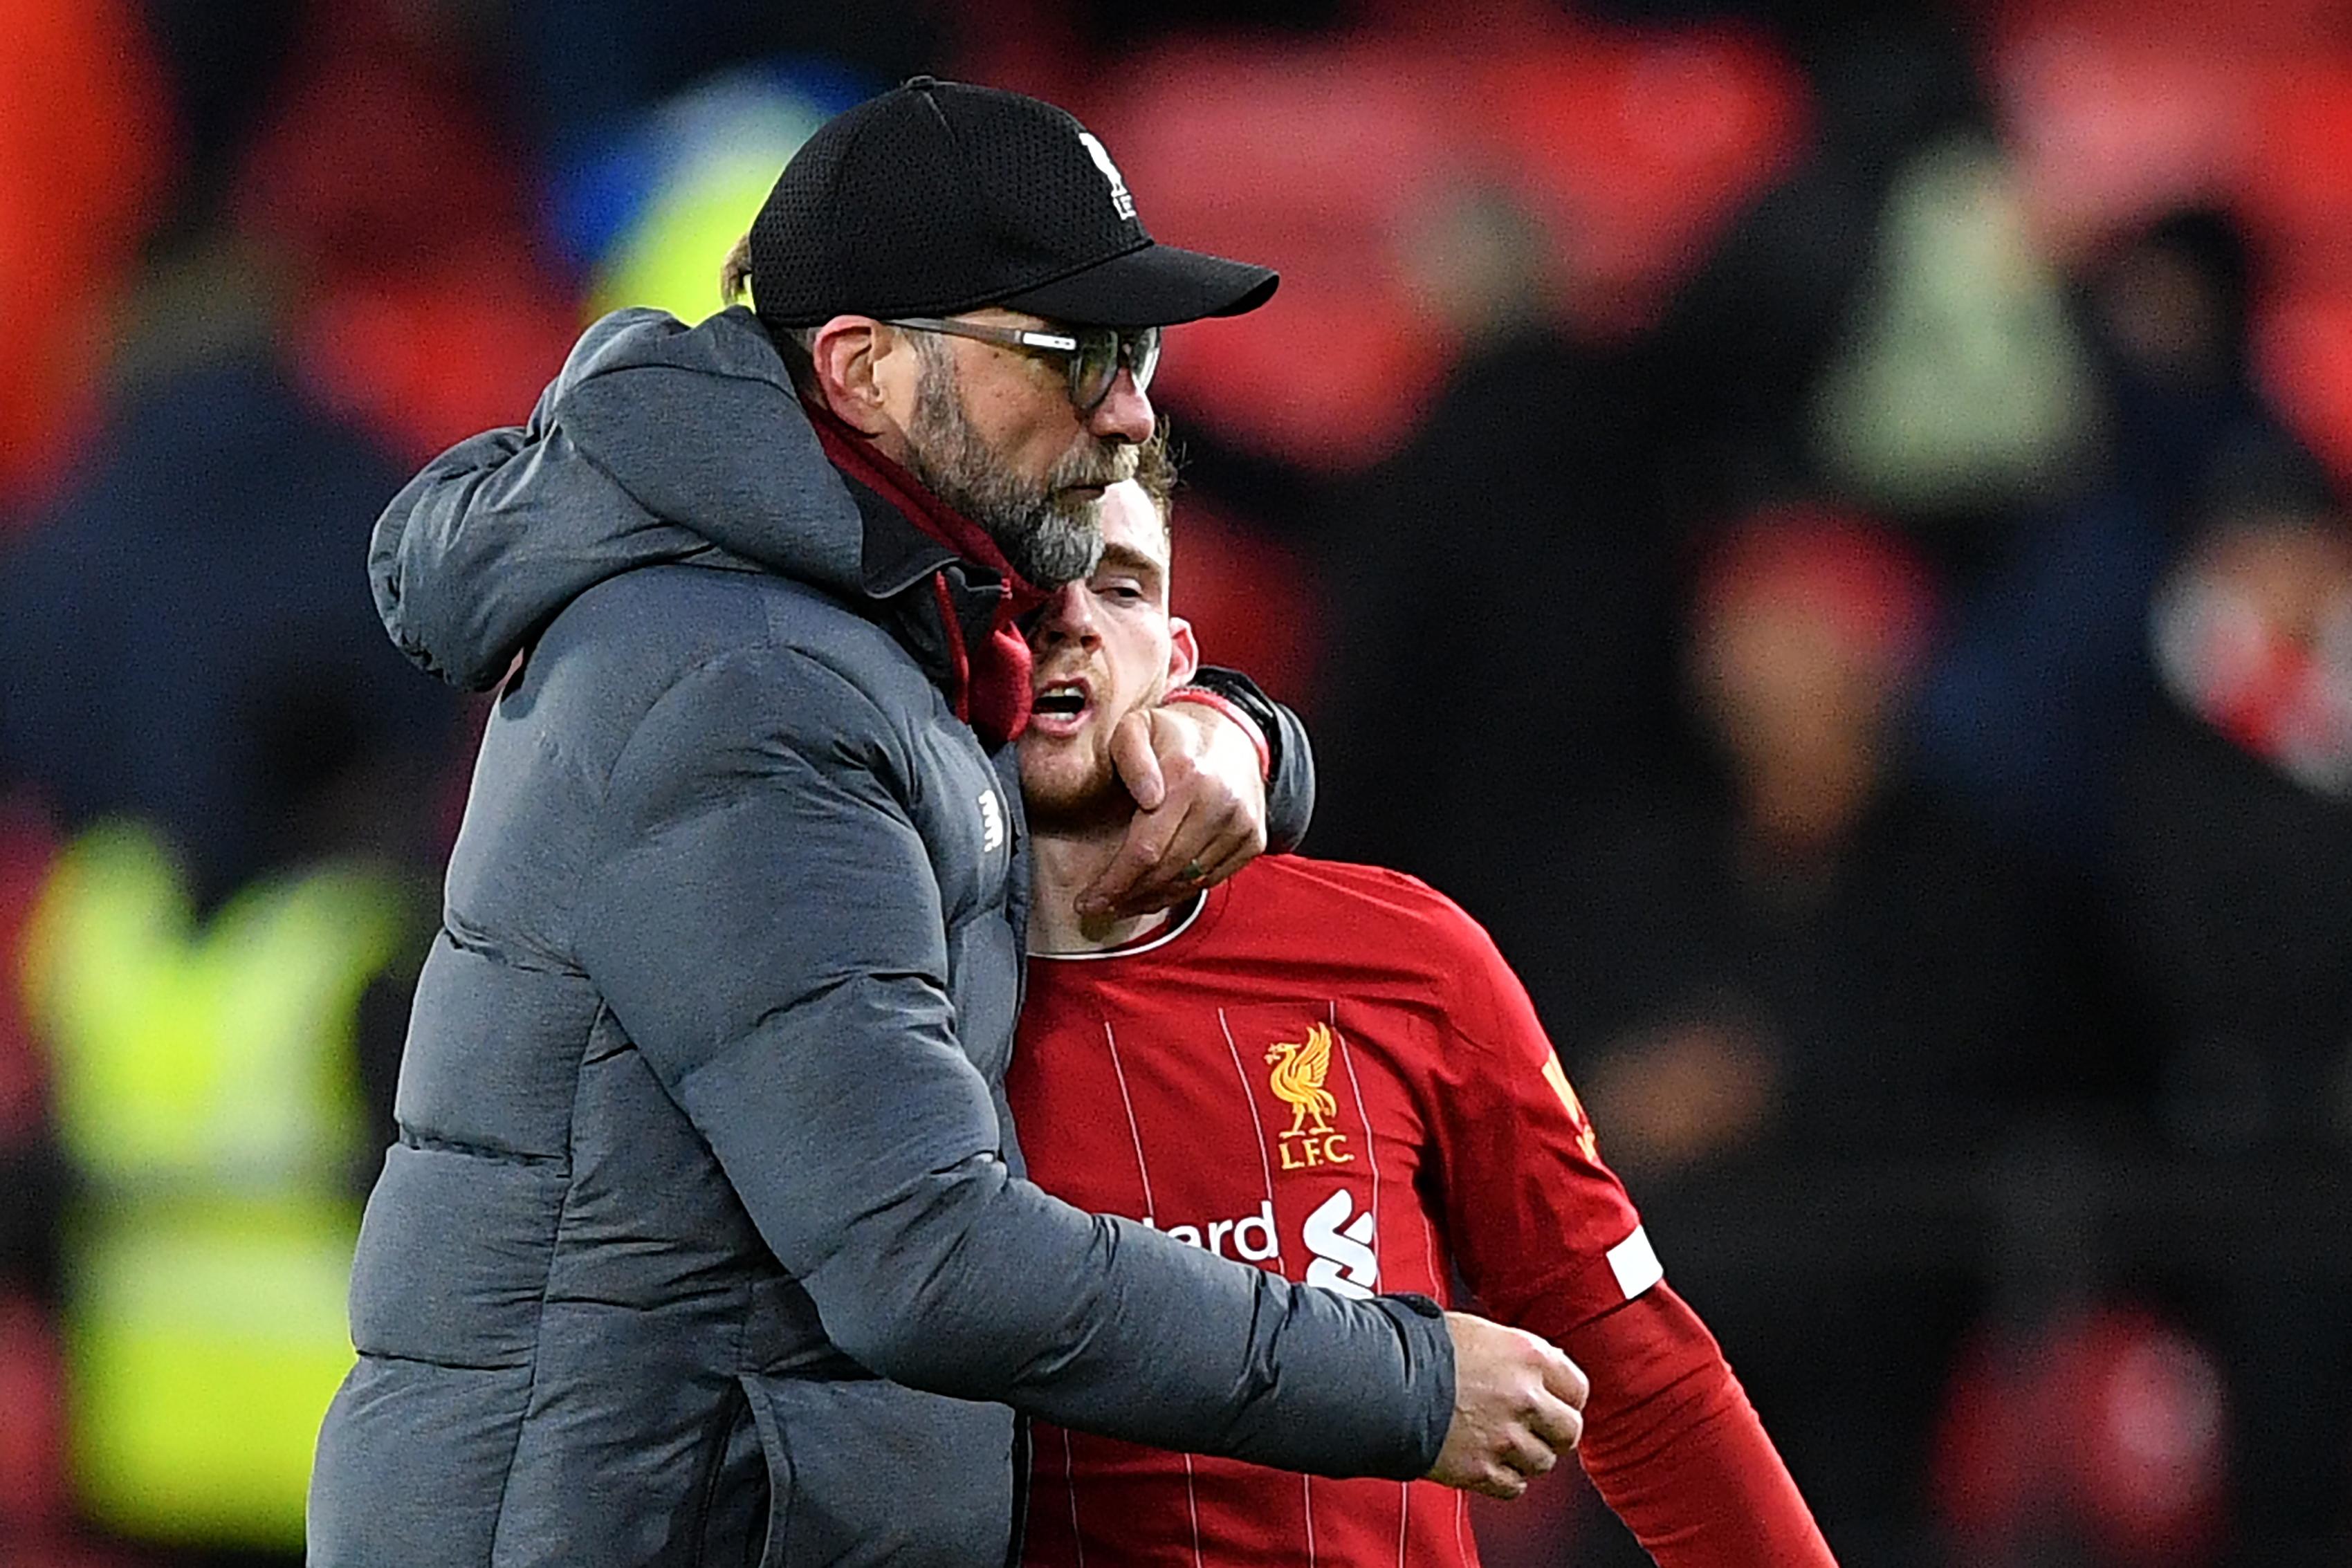 Megszakadt a Liverpool veretlenségi sorozata az angol bajnokságban